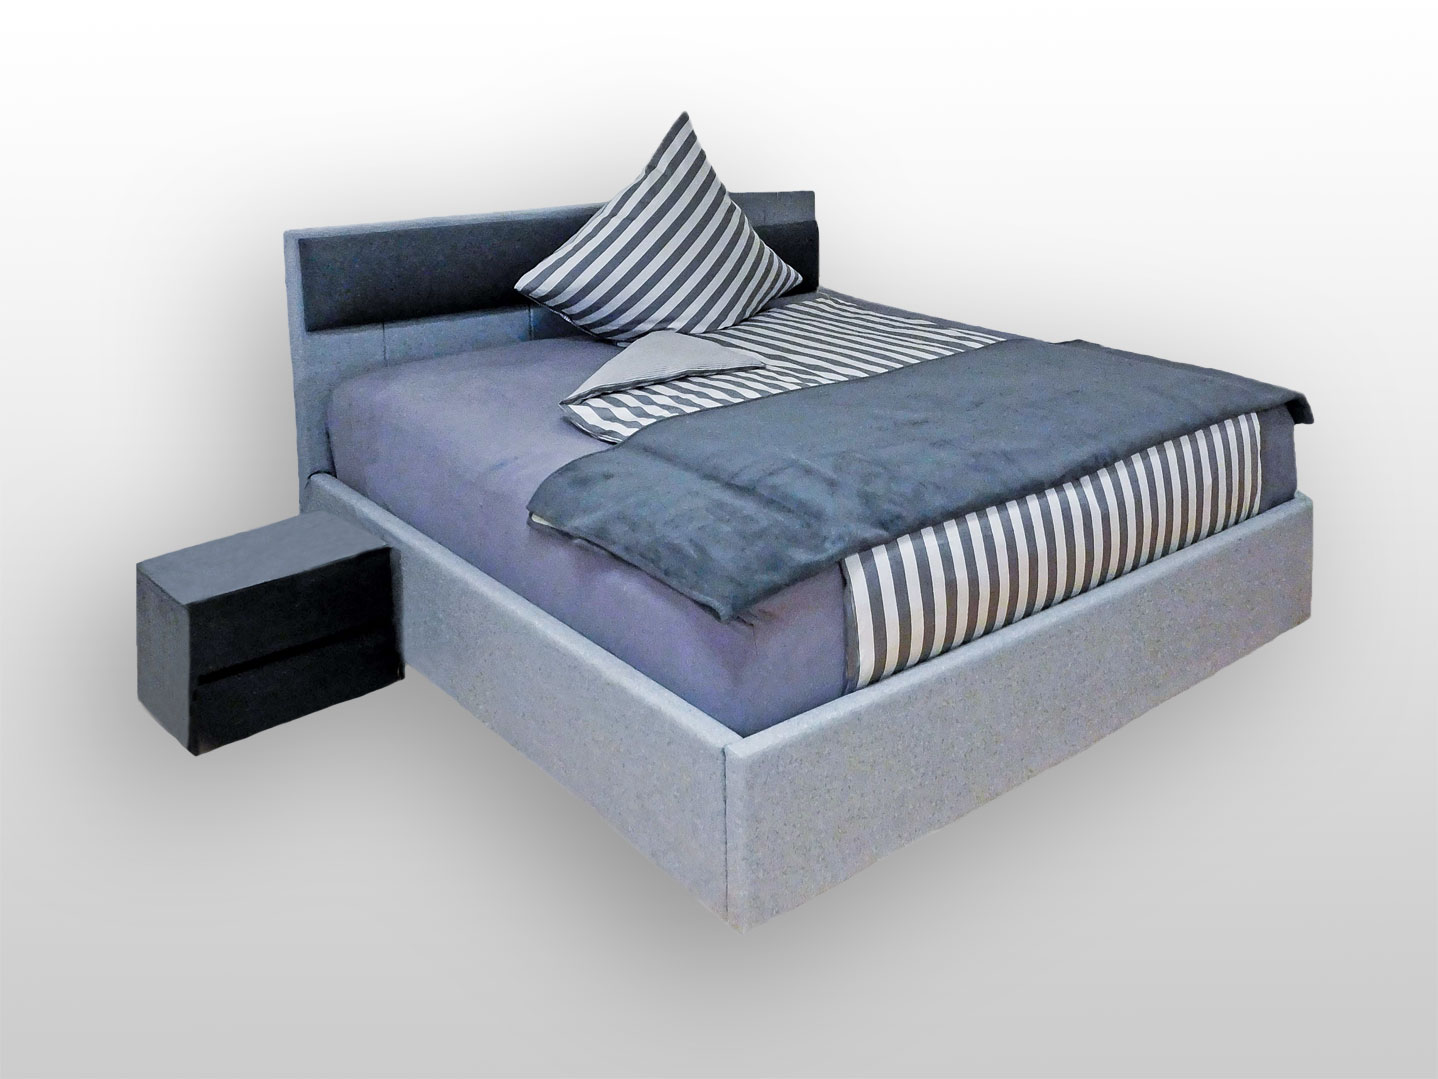 Komplettangebot mit Duet-Bett | Schlafzimmer > Matratzen > Matratzen-Sets | Tempur